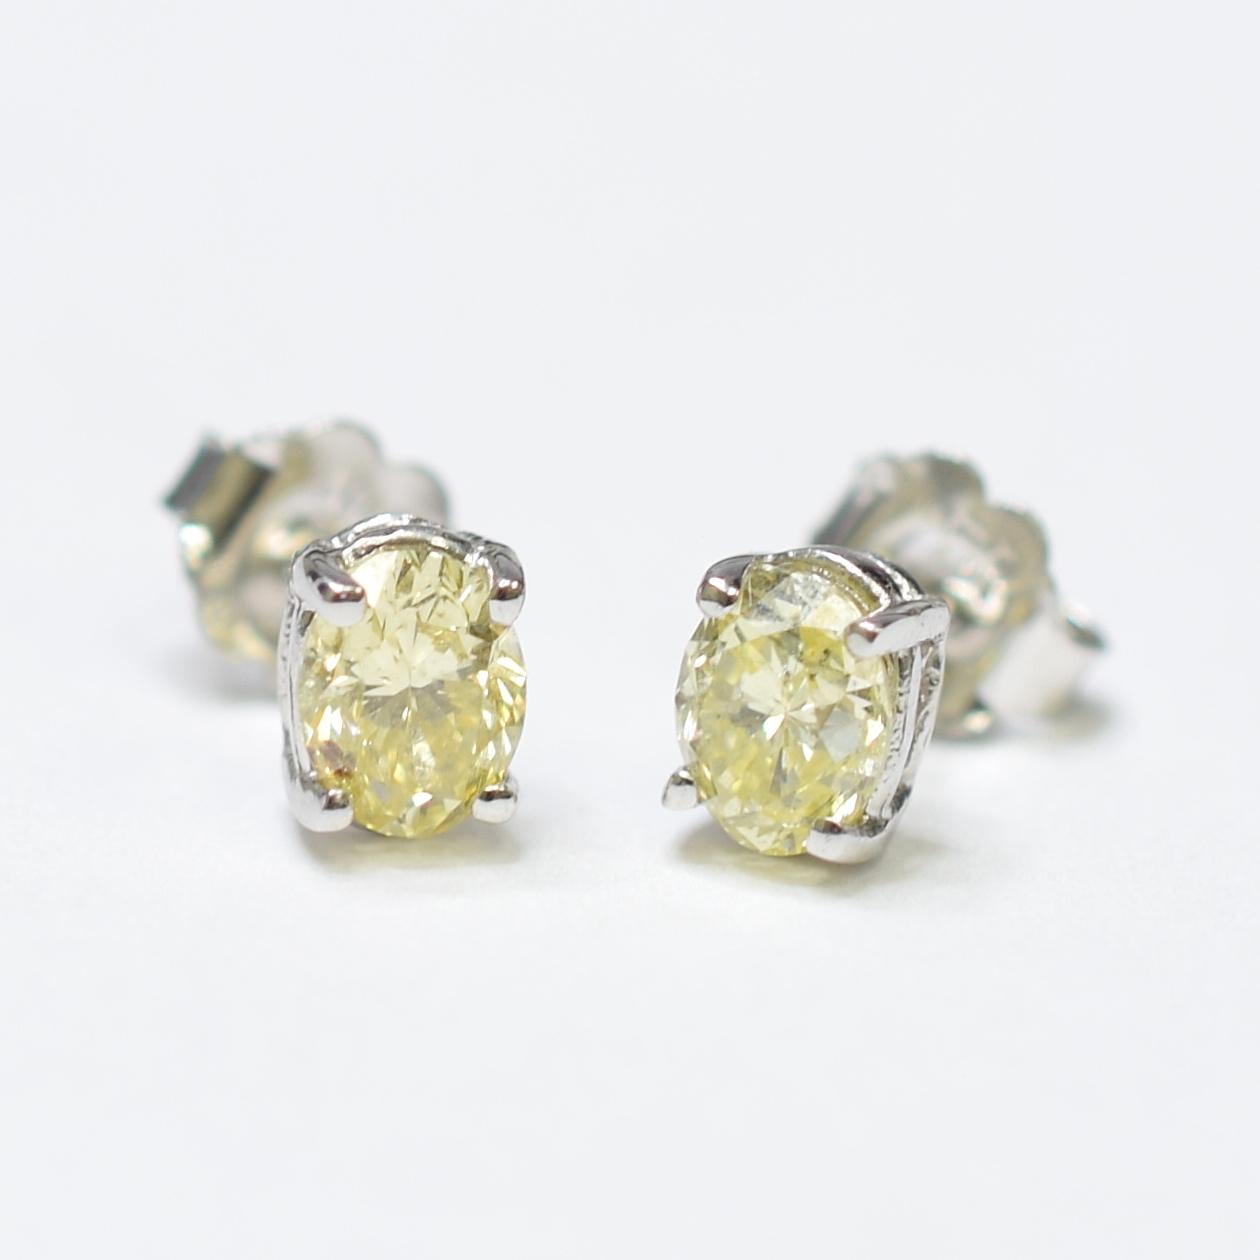 5cc66b9ec Image 1 of 4. 14K White Gold 1.15 Grams 1.21 Carats t.w. Oval Shape Fancy  Yellow Diamond Stud Style Earrings